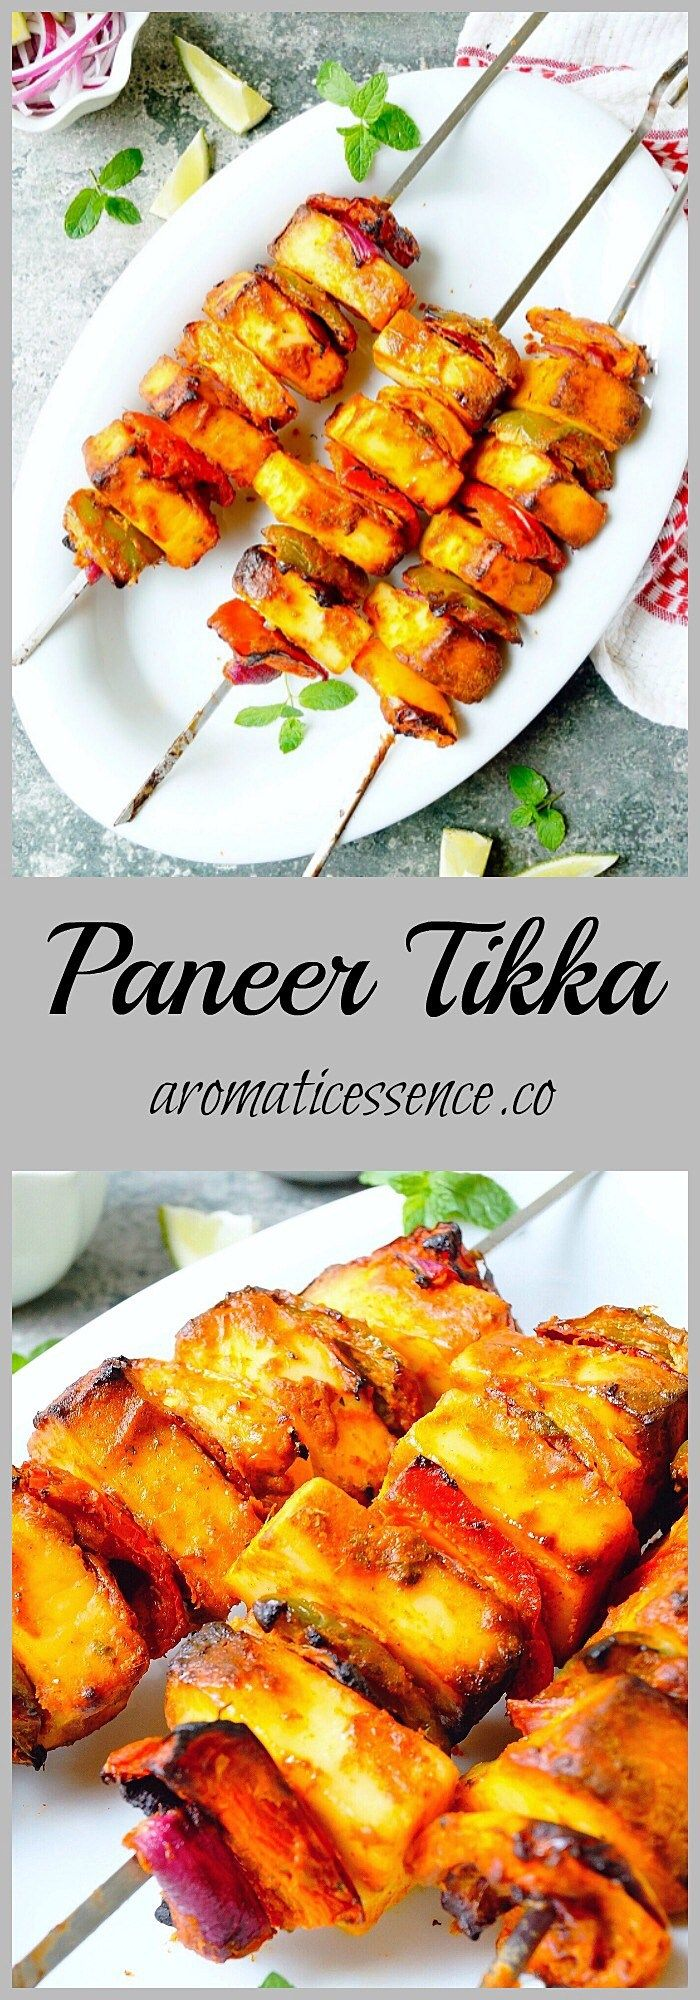 Paneer tikka - Aromatic Essence